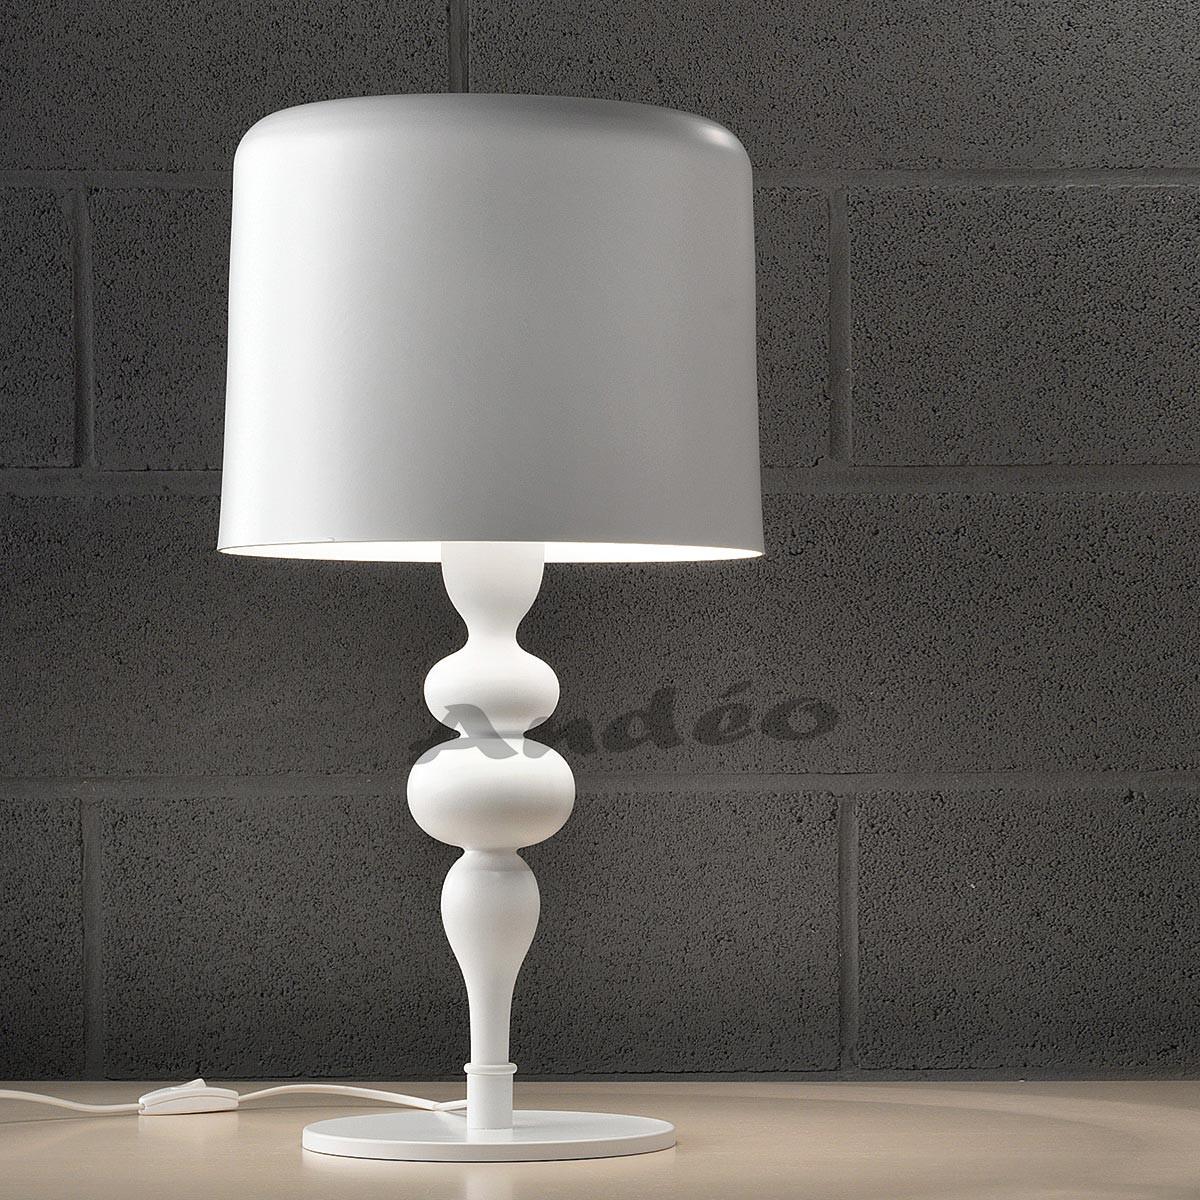 M Luminaire De Et Masiero Table Tl1 Tl3 Lampe Classique Eva CerdxBoW